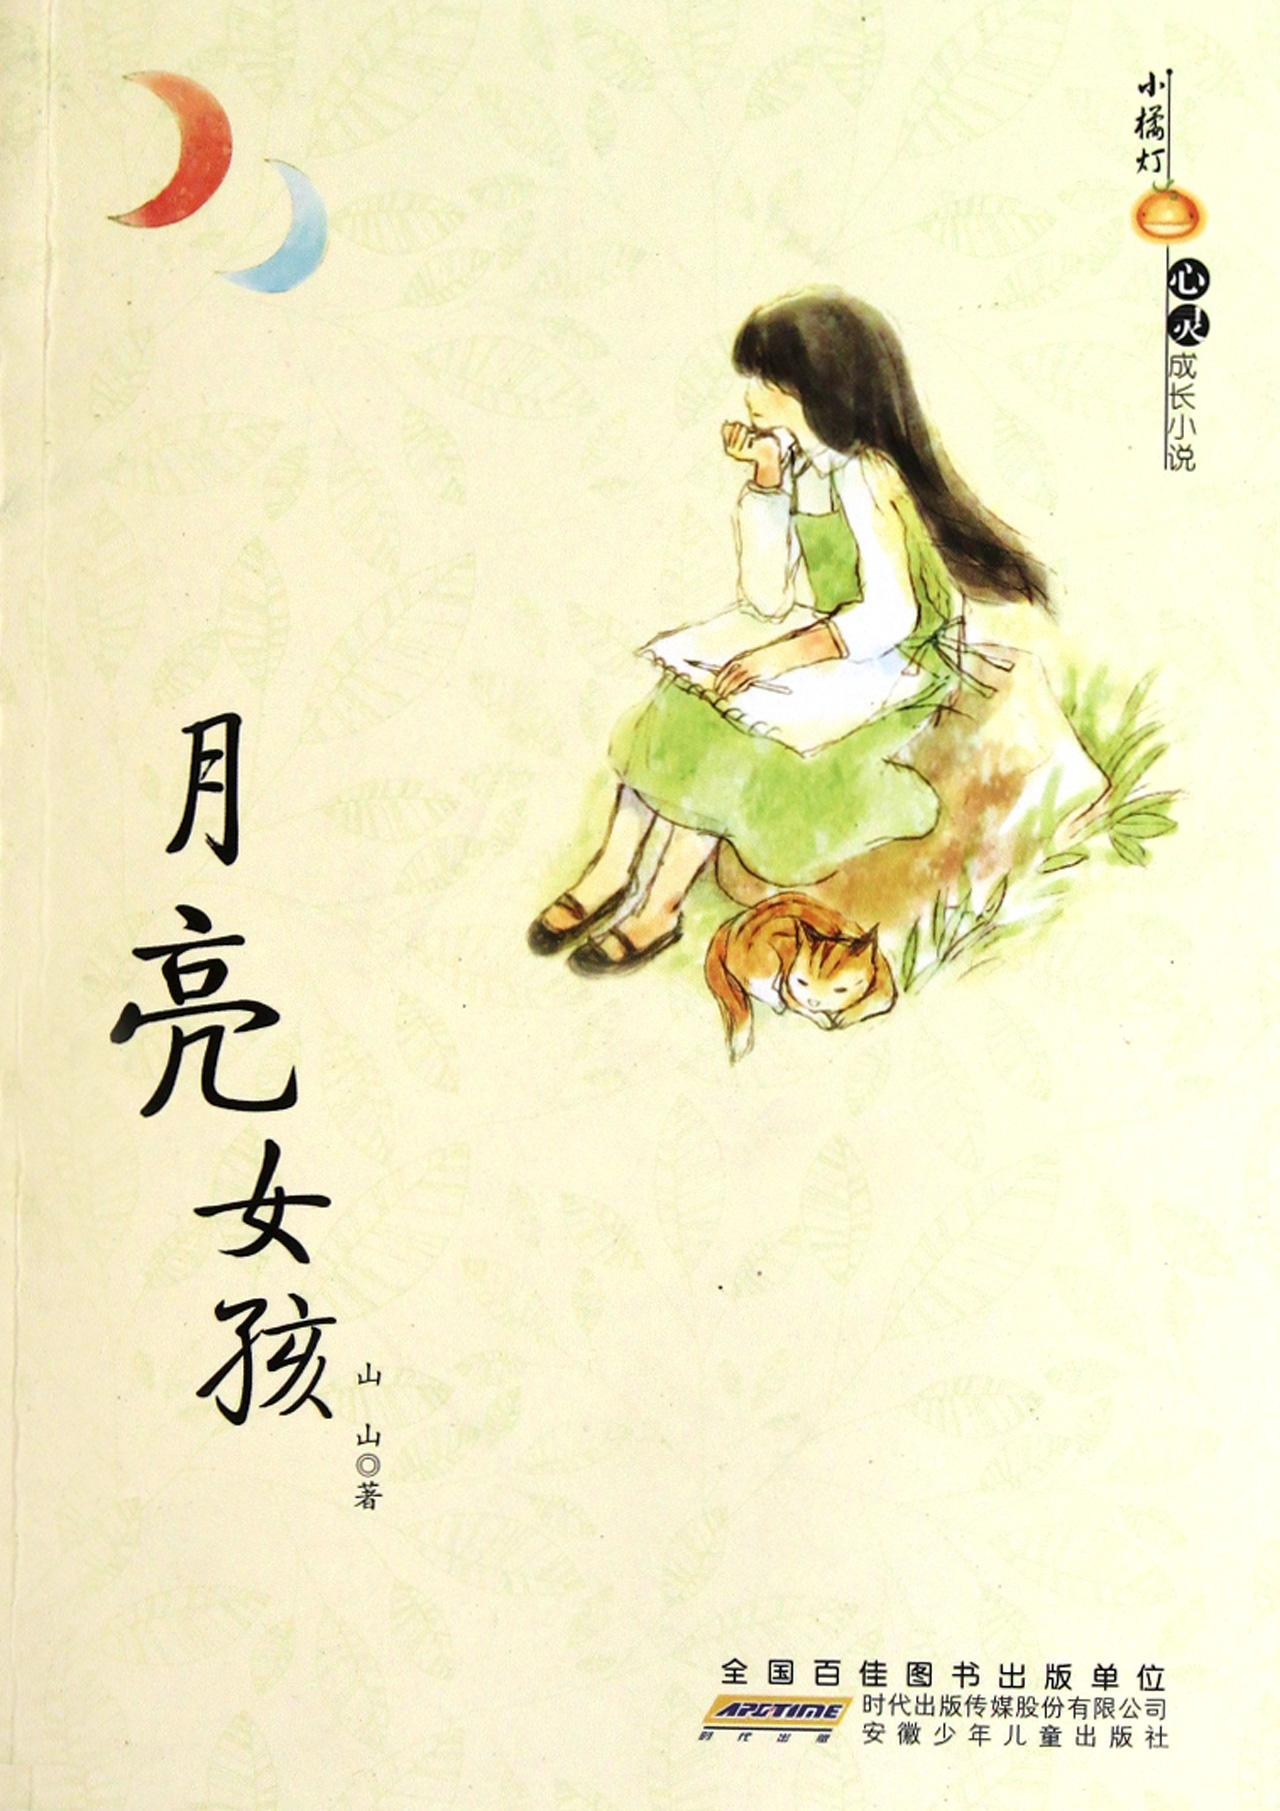 月亮女孩(小橘灯心灵成长小说)